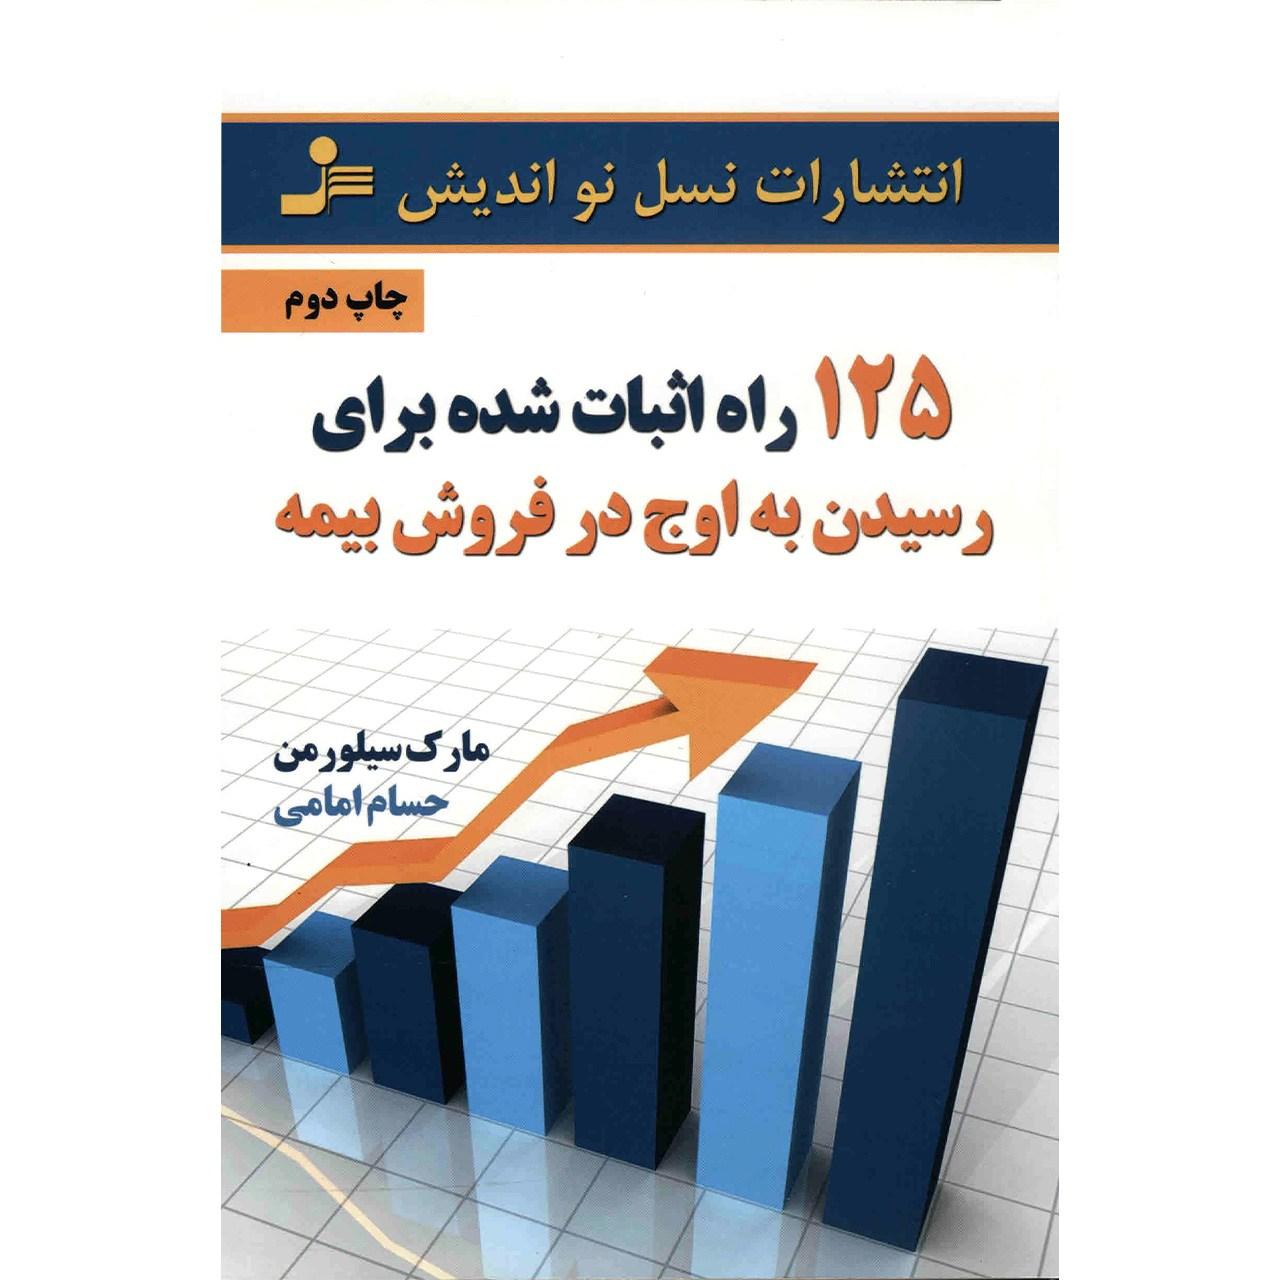 خرید                      کتاب 125 راه اثبات شده برای رسیدن به اوج در فروش بیمه اثر مارک سیلورمن